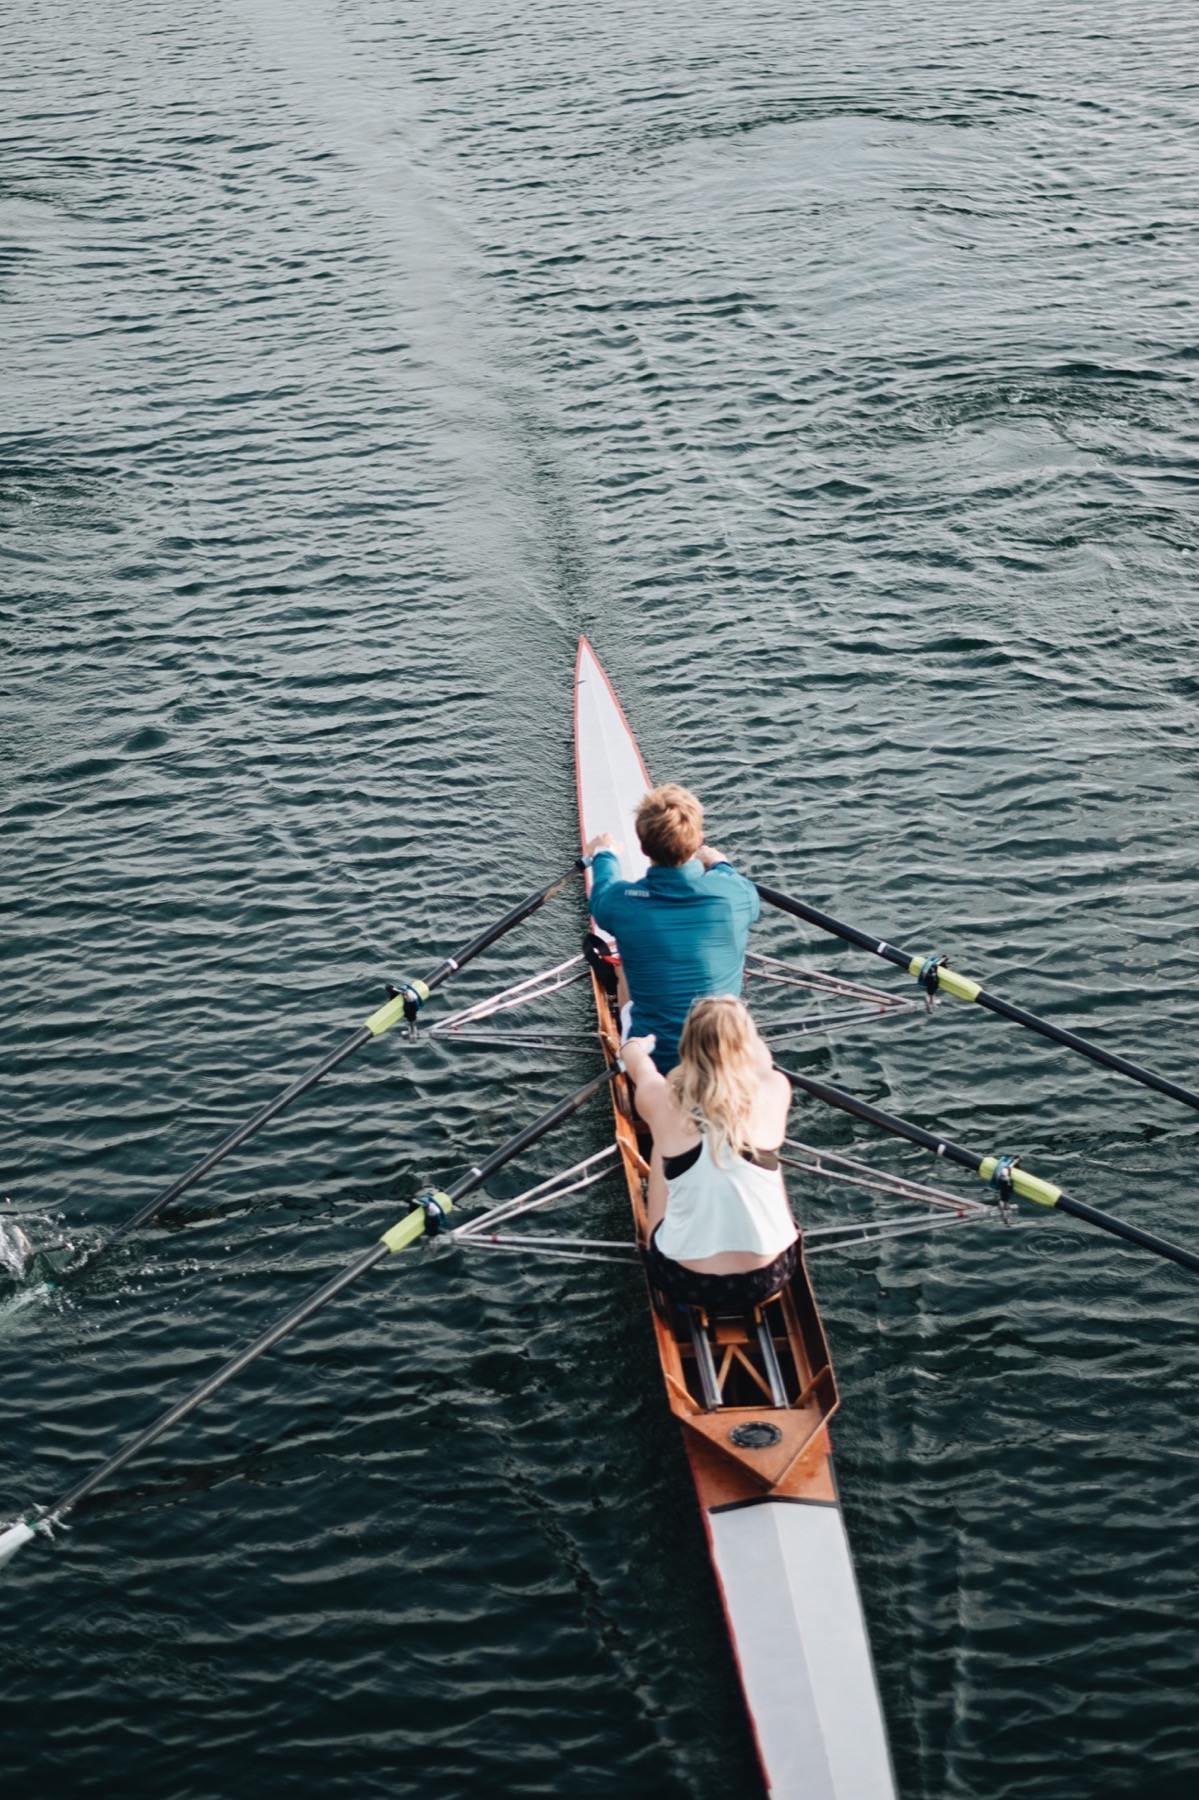 ROWTEX_Rowing_Julius_Hirtzberger3